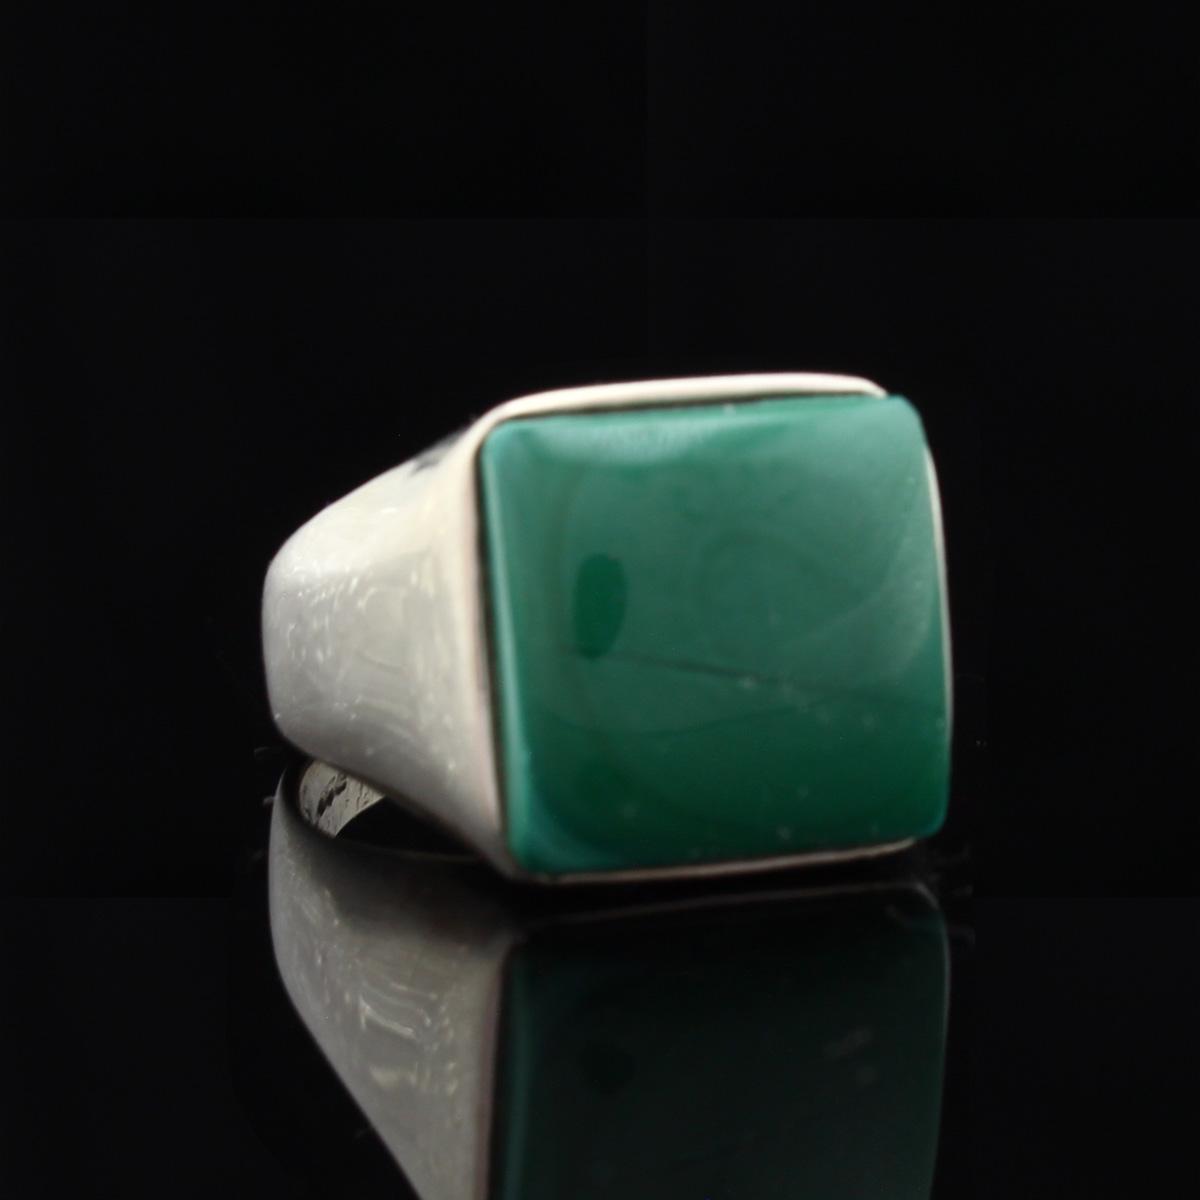 Кольцо, серебро, натуральный камень, Малахит, 10.22 г, проба 875, размер 20